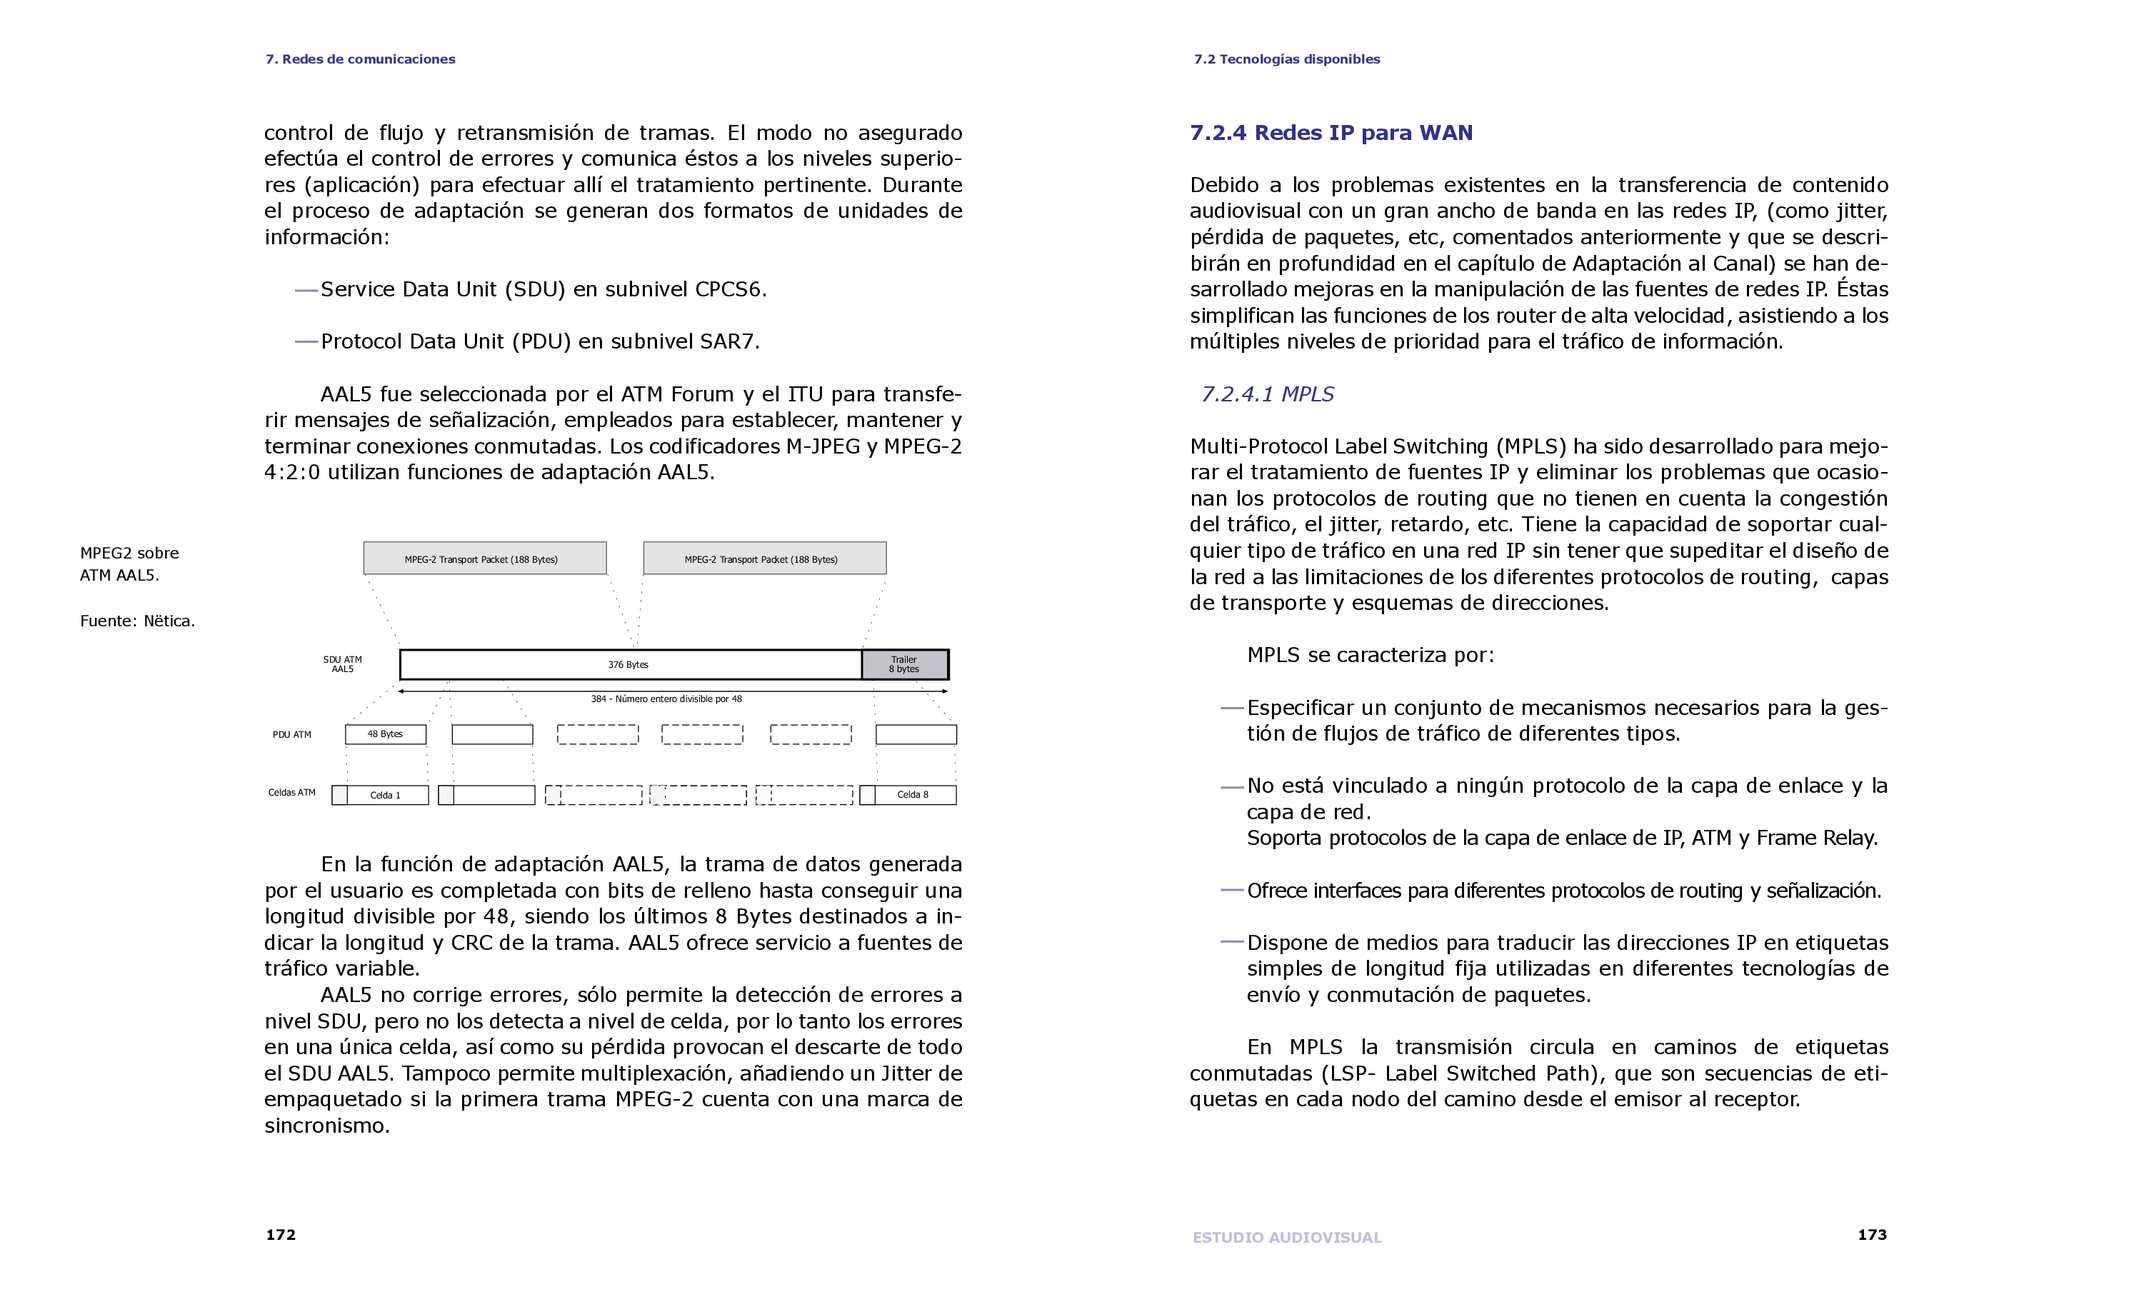 Estudio del ARTE de las tecnologías Audiovisuales - CALAMEO Downloader